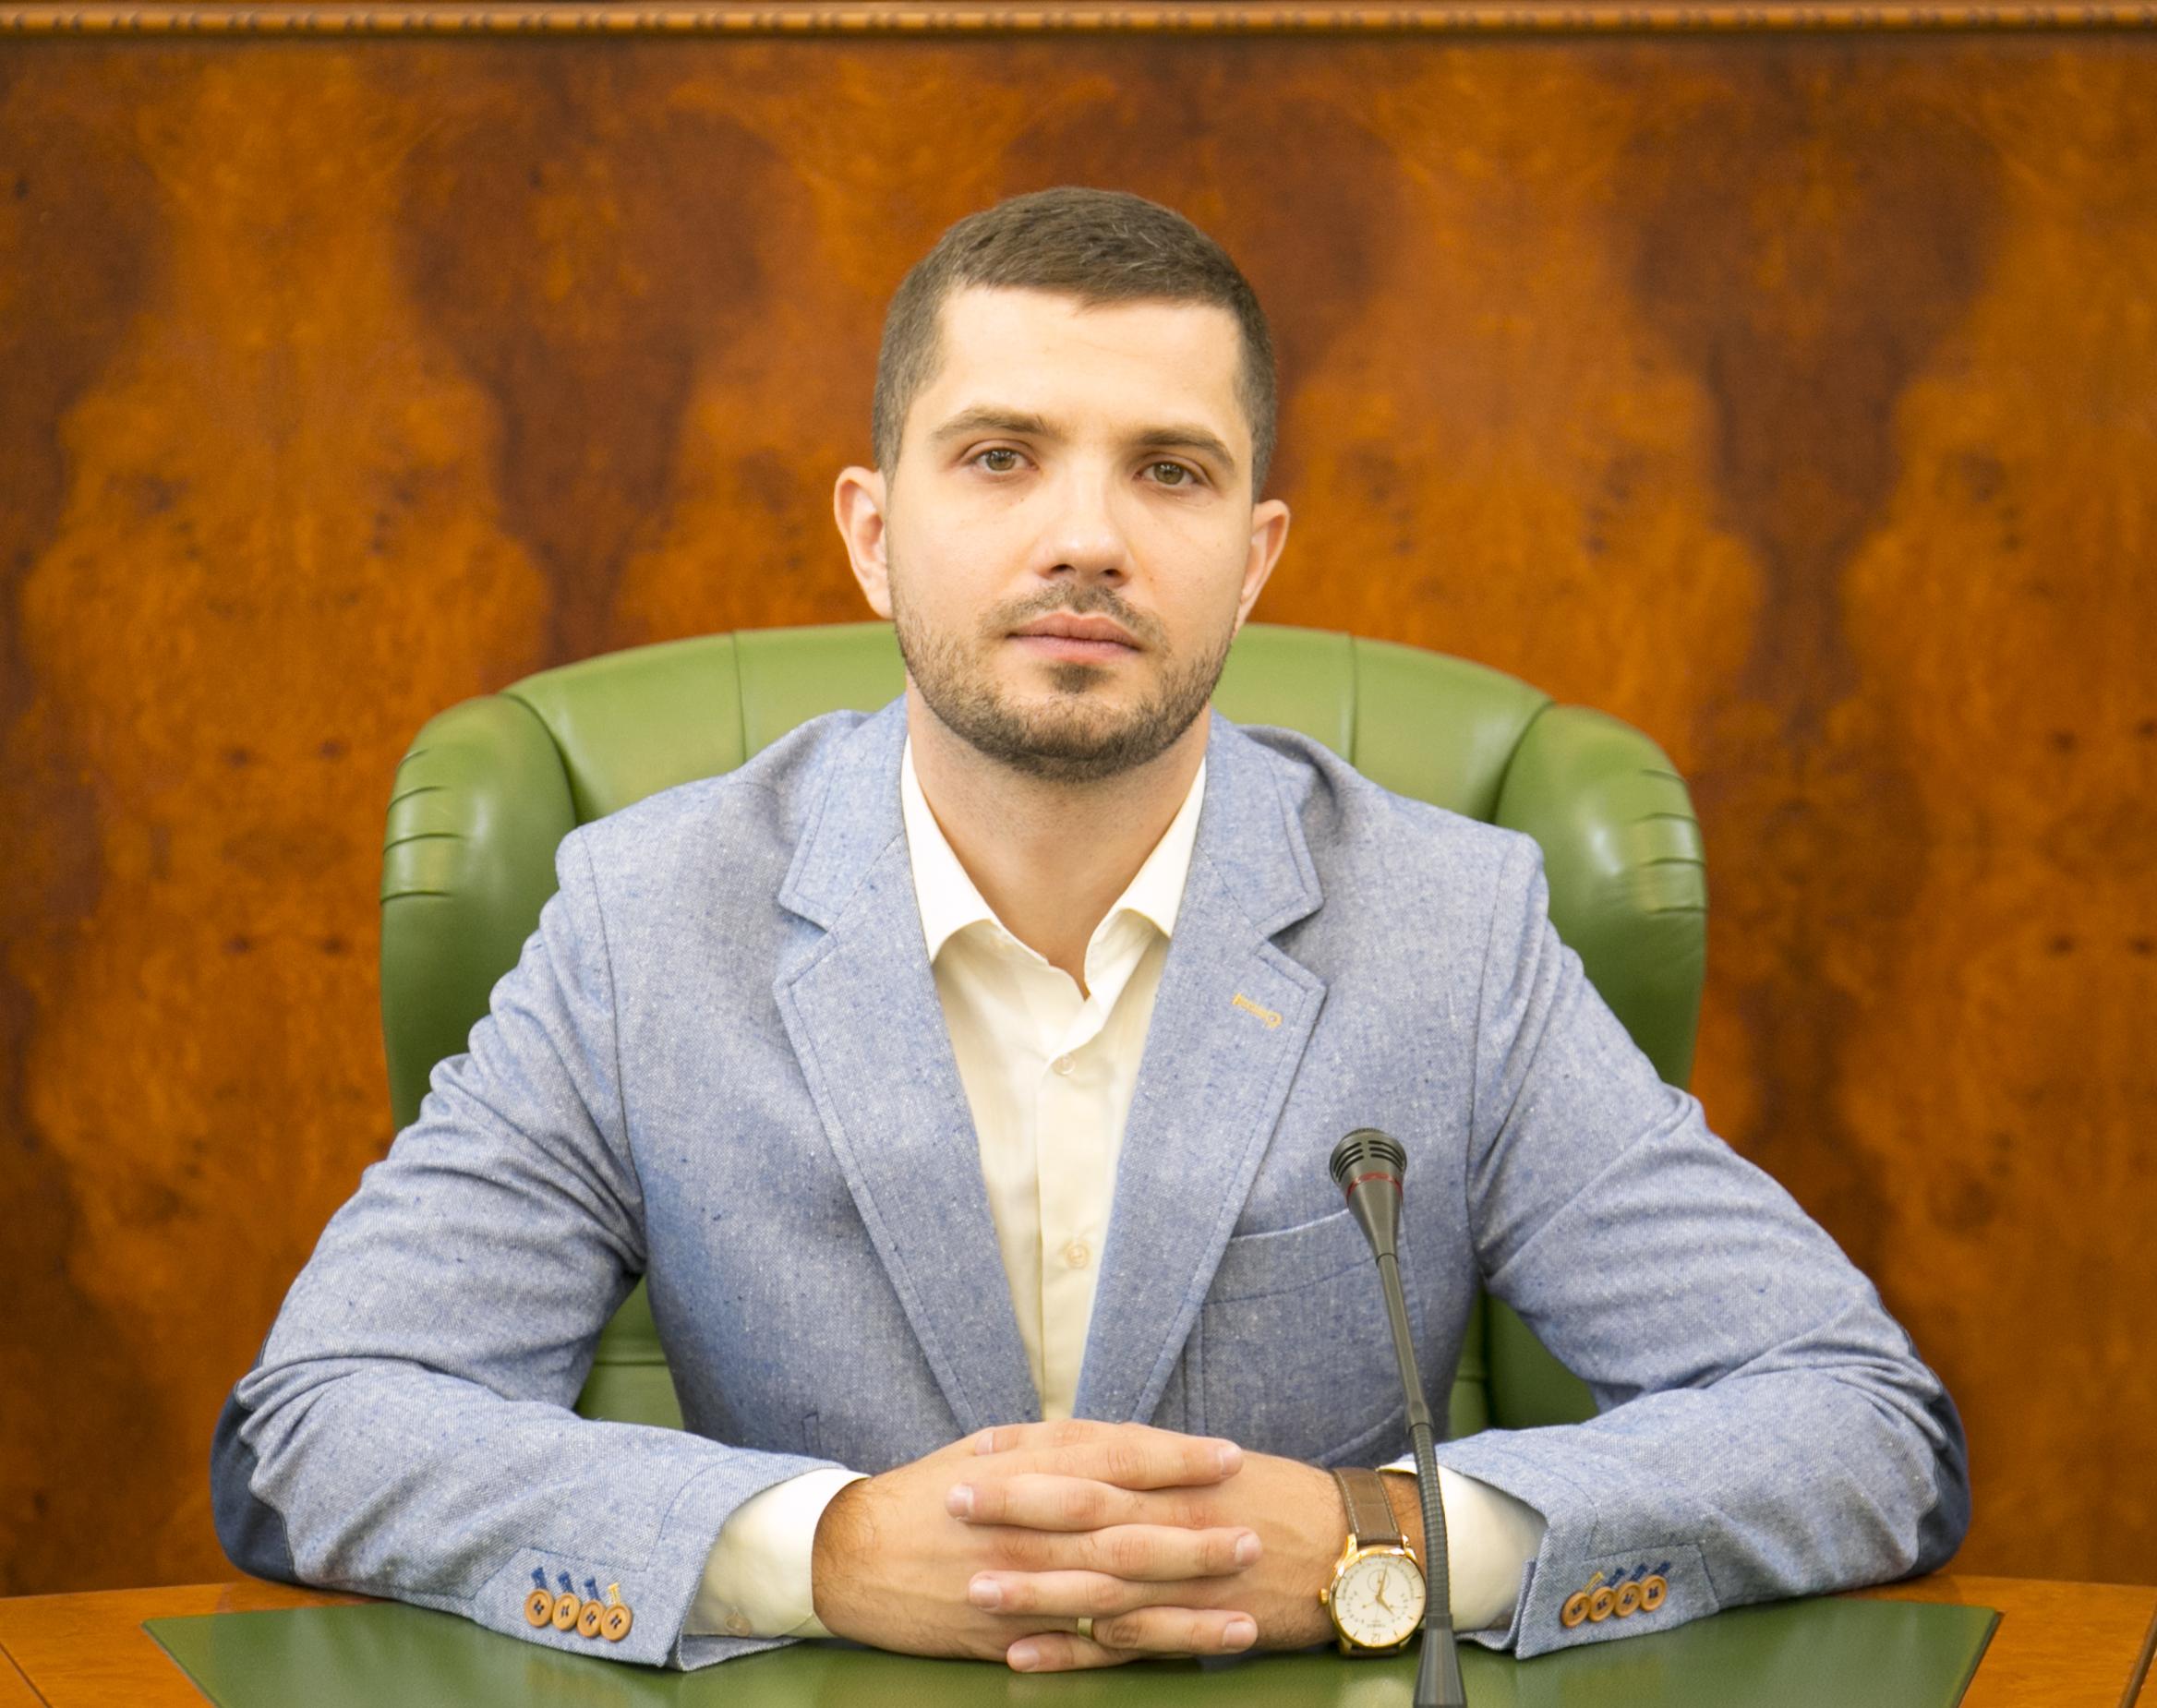 Шипков Егор Алексеевич